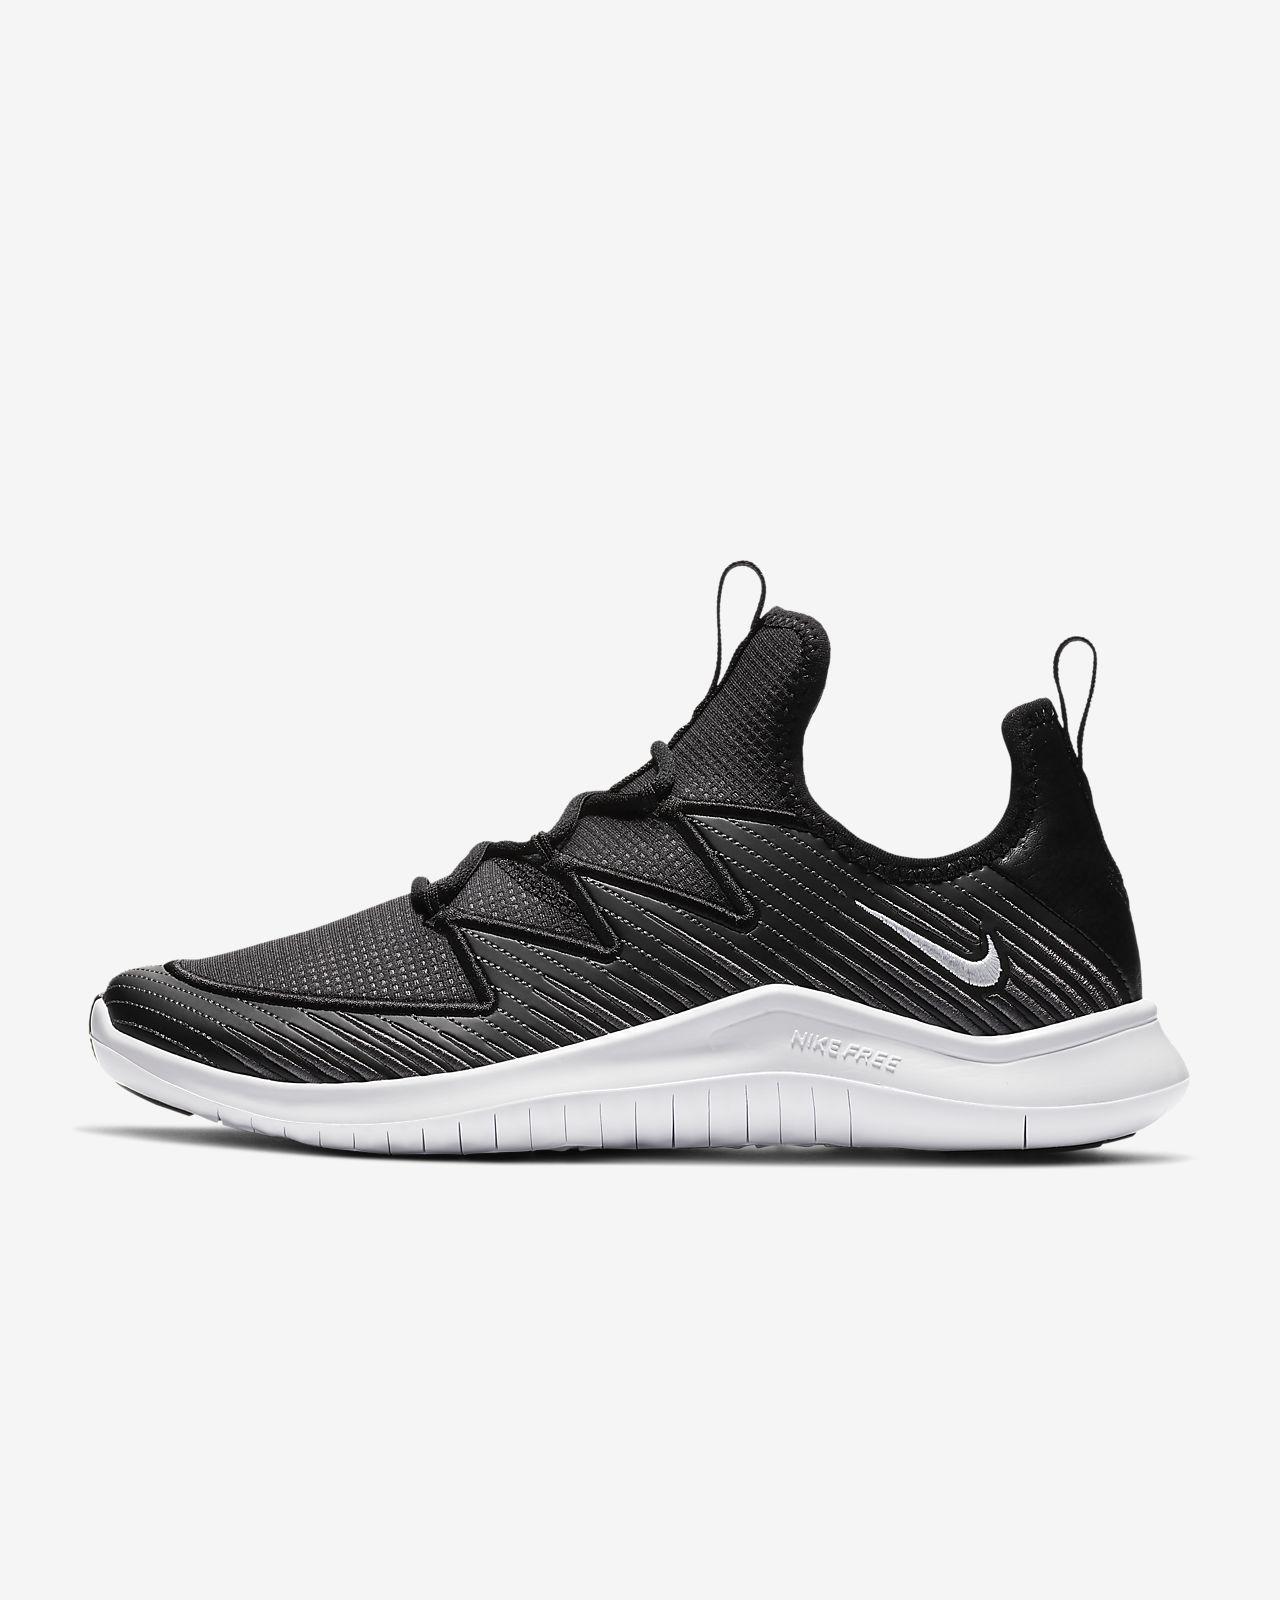 premium selection dab70 8e843 Nike Free TR Ultra Zapatillas de entrenamiento - Mujer. Nike.com ES